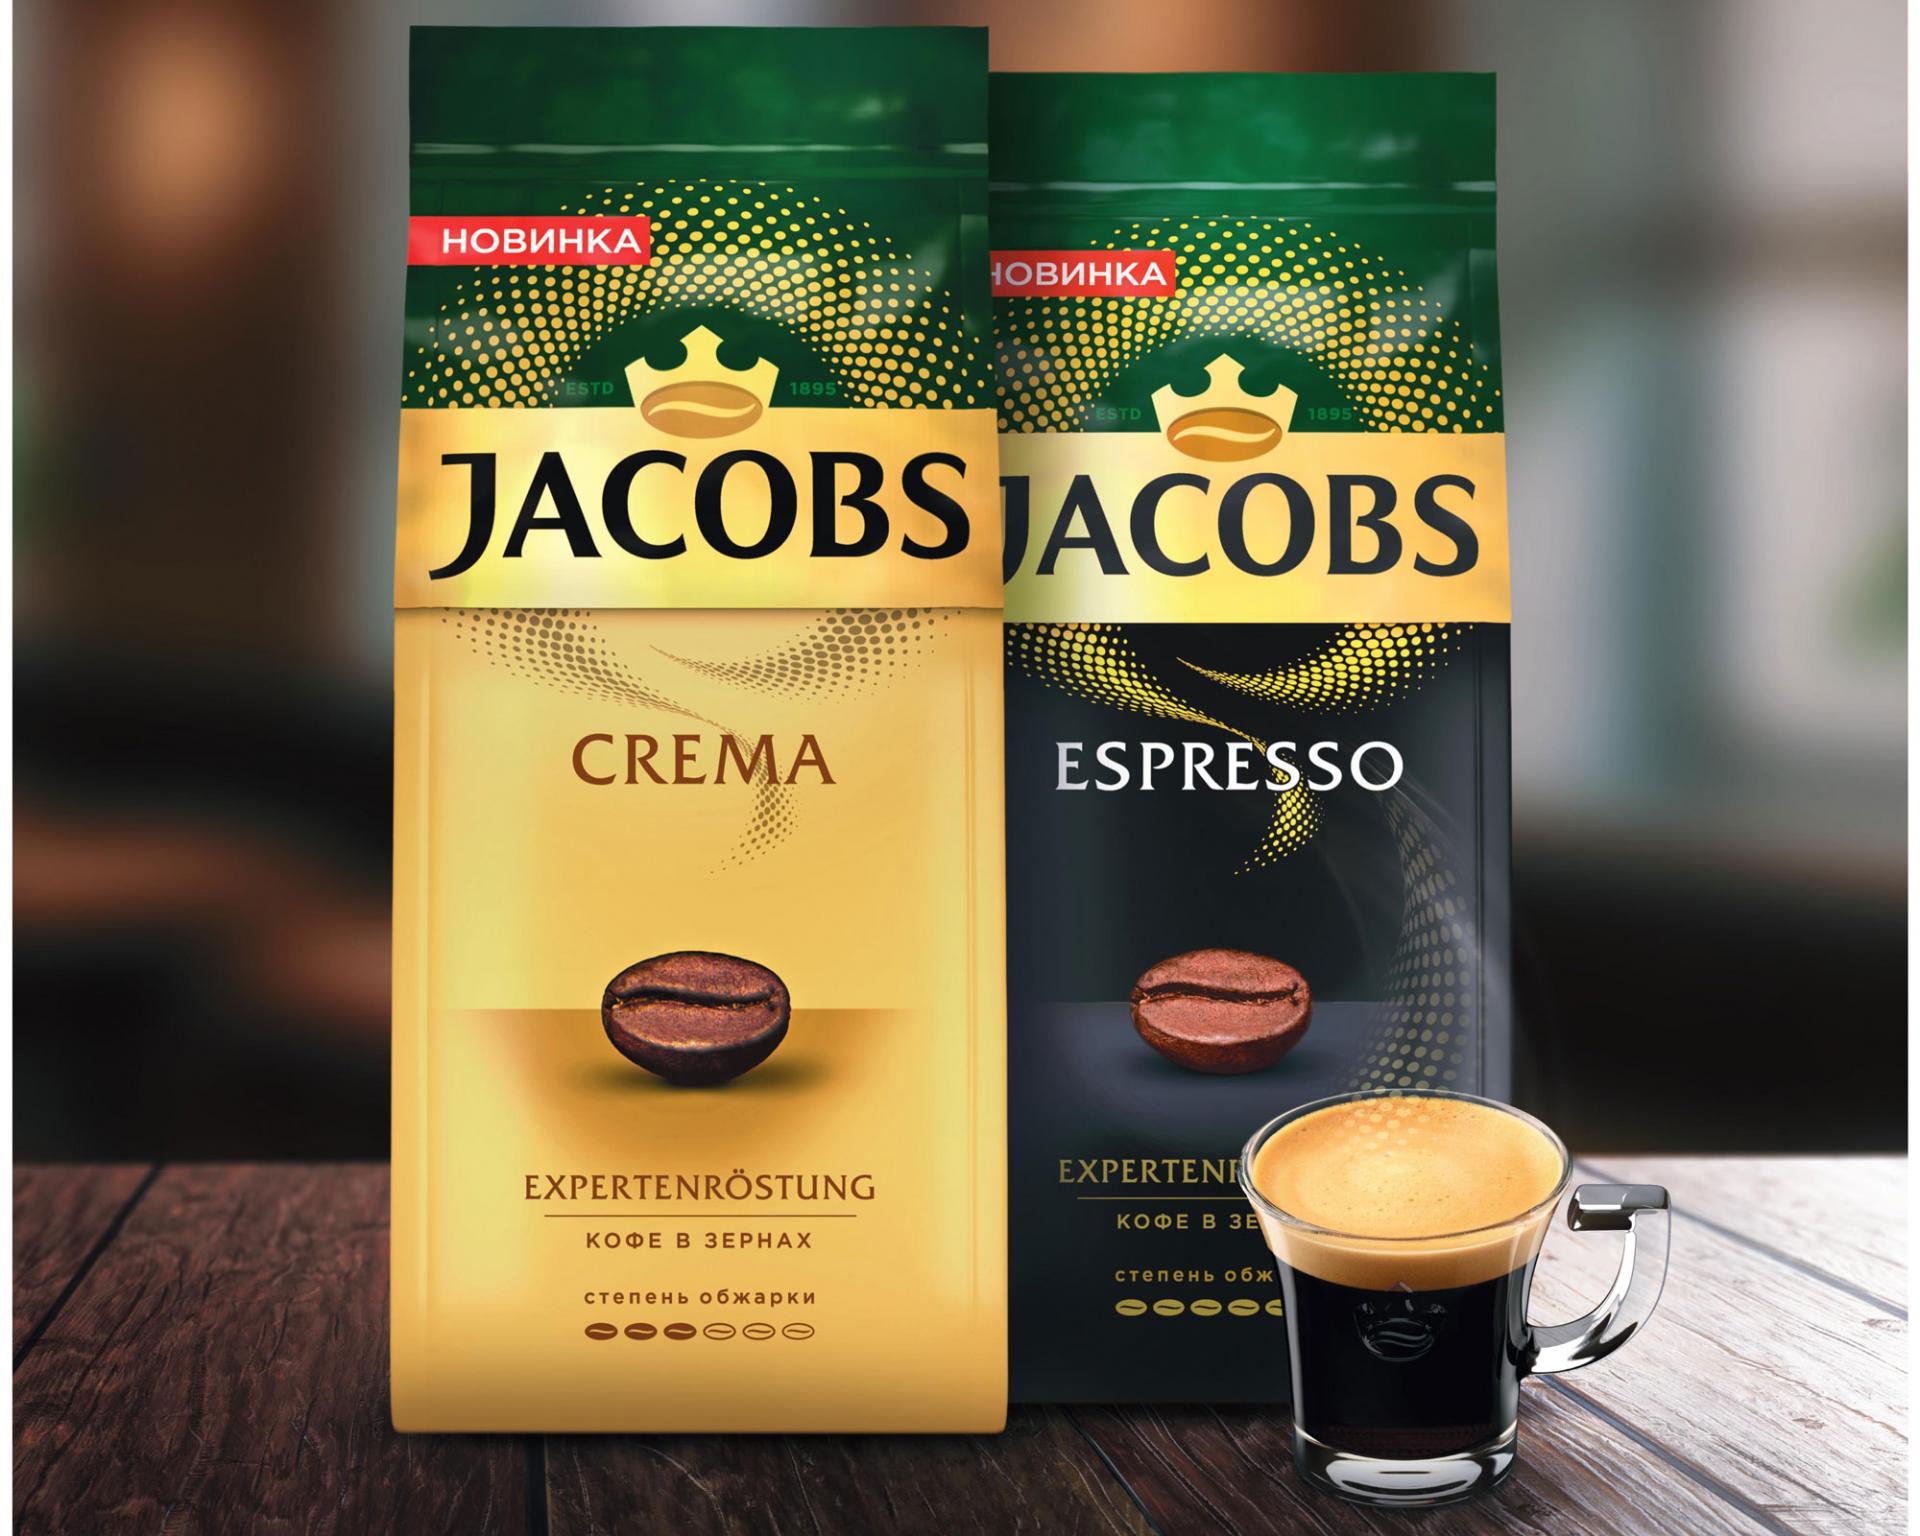 Профессионализм вкаждом движении бариста: Jacobs представила новую линейку кофе